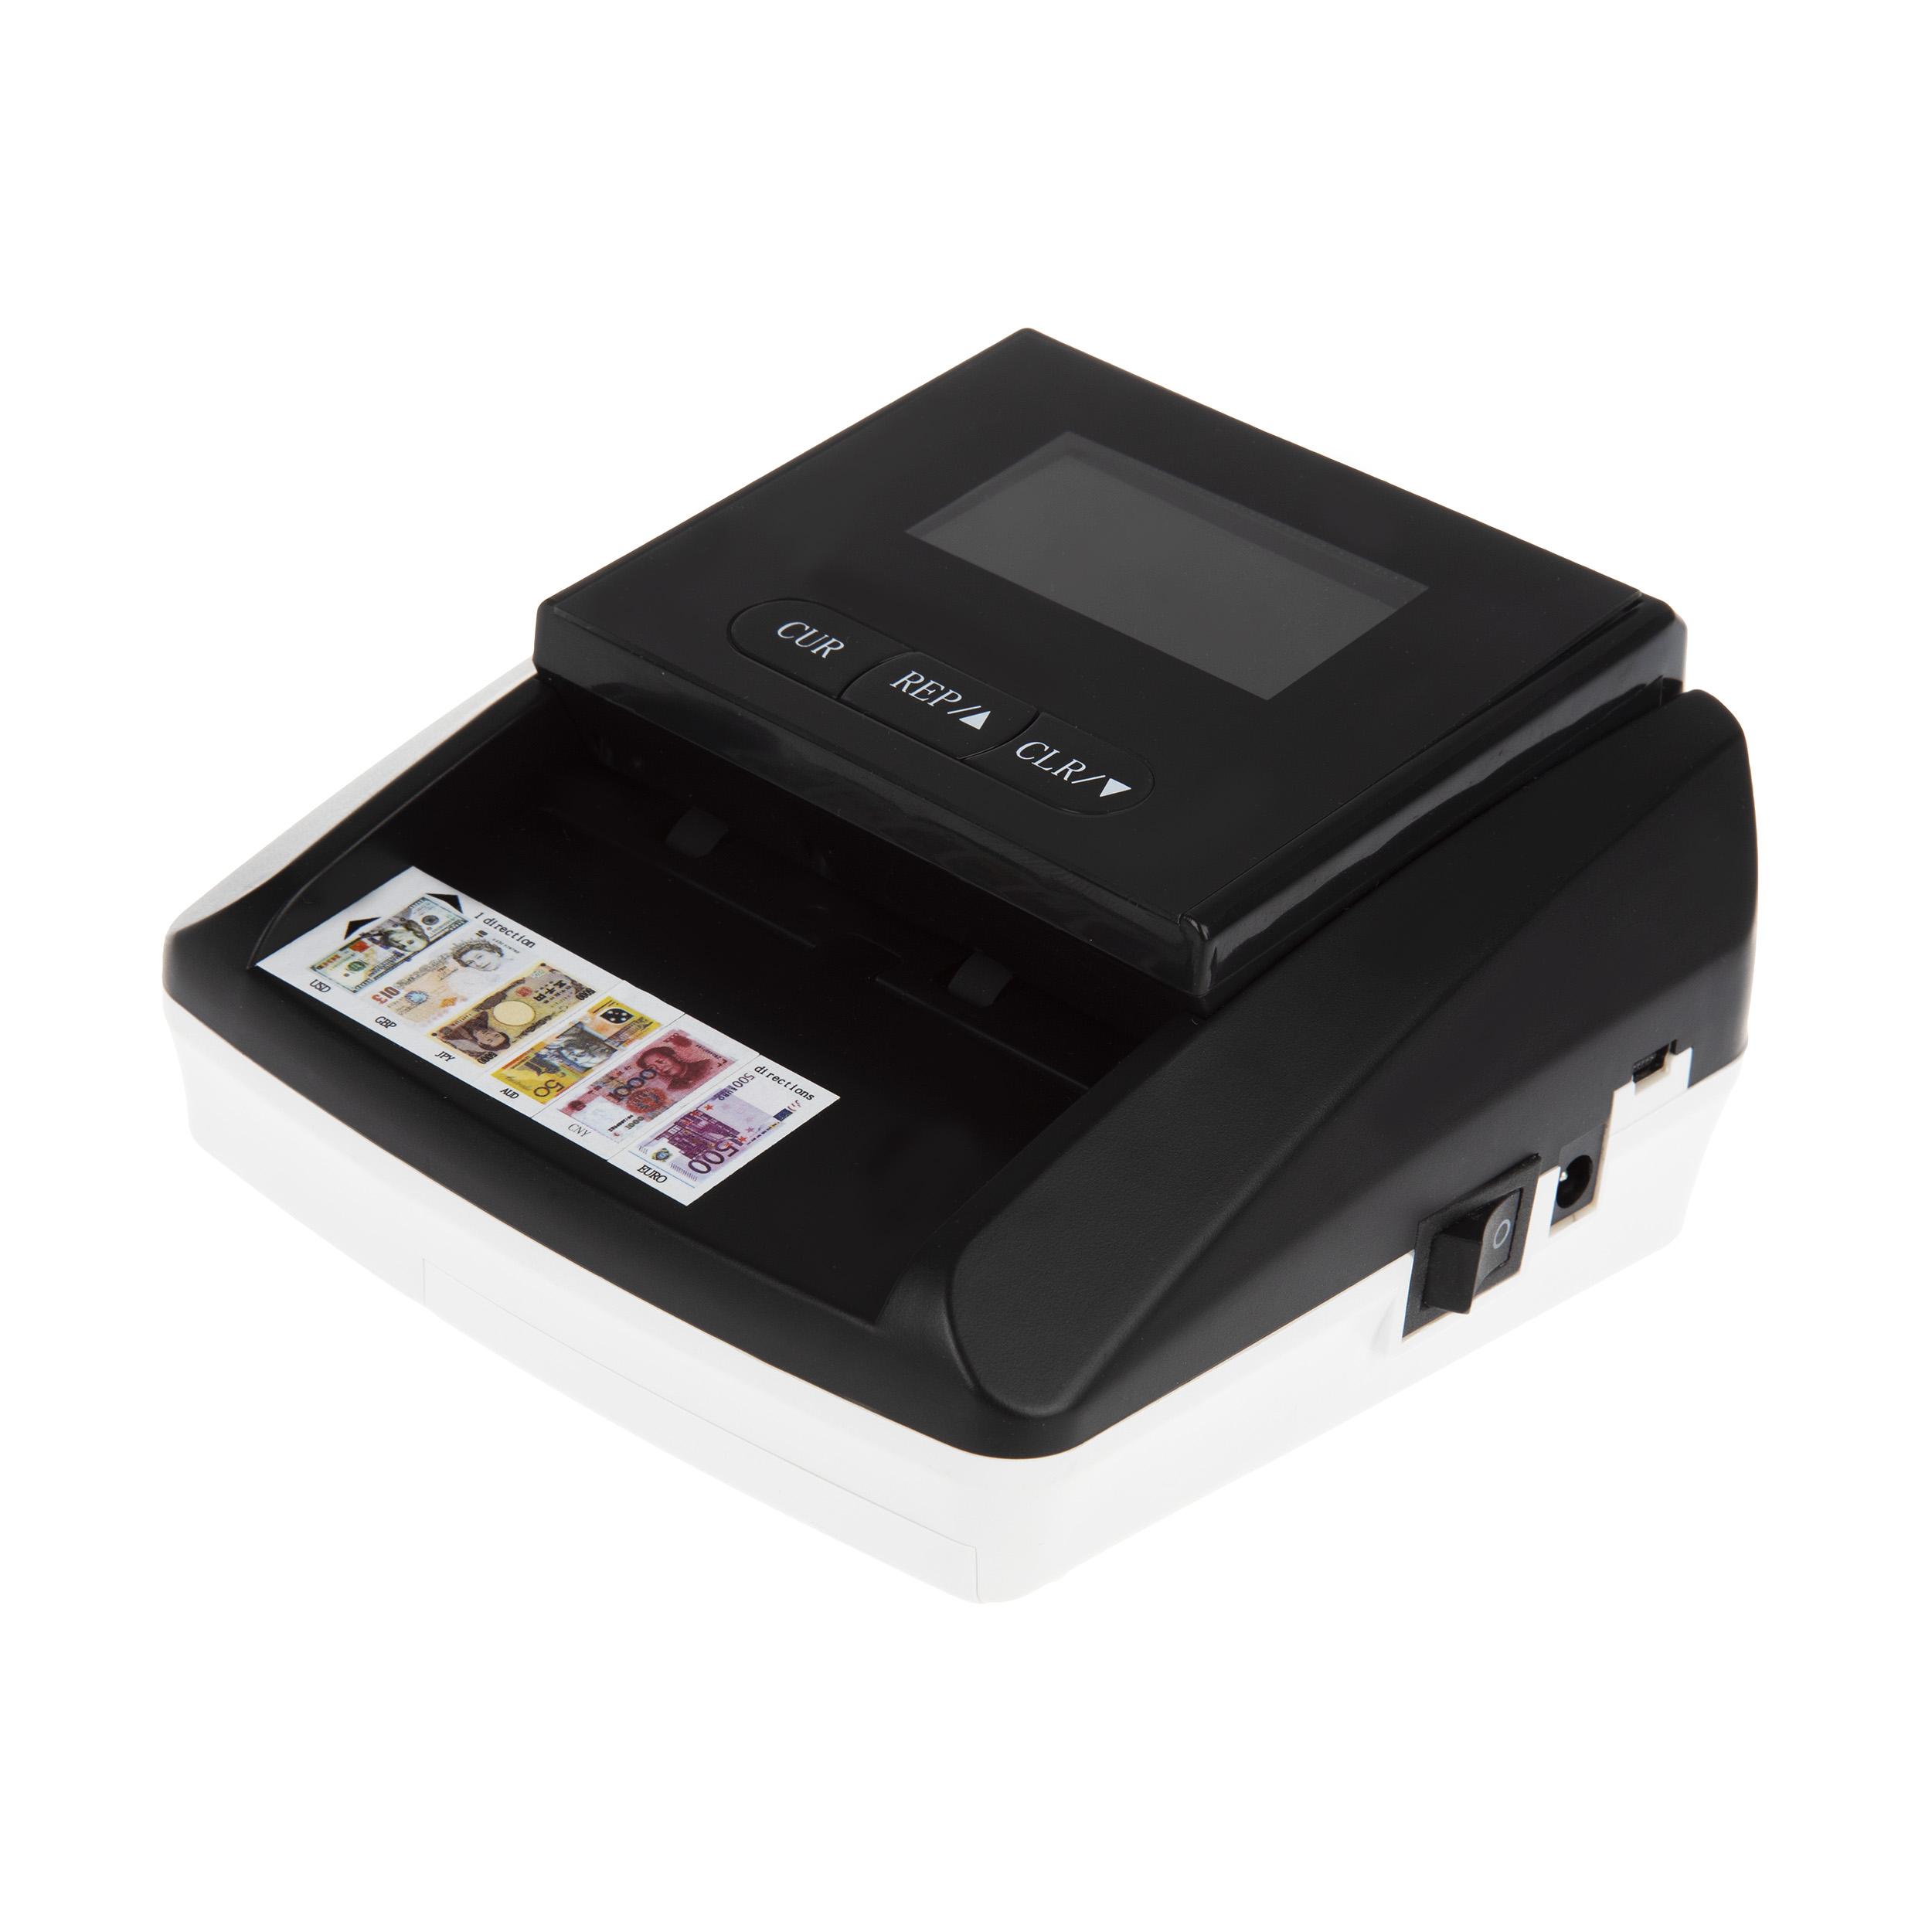 دستگاه تشخیص اصالت اسکناس دیتک کد 106